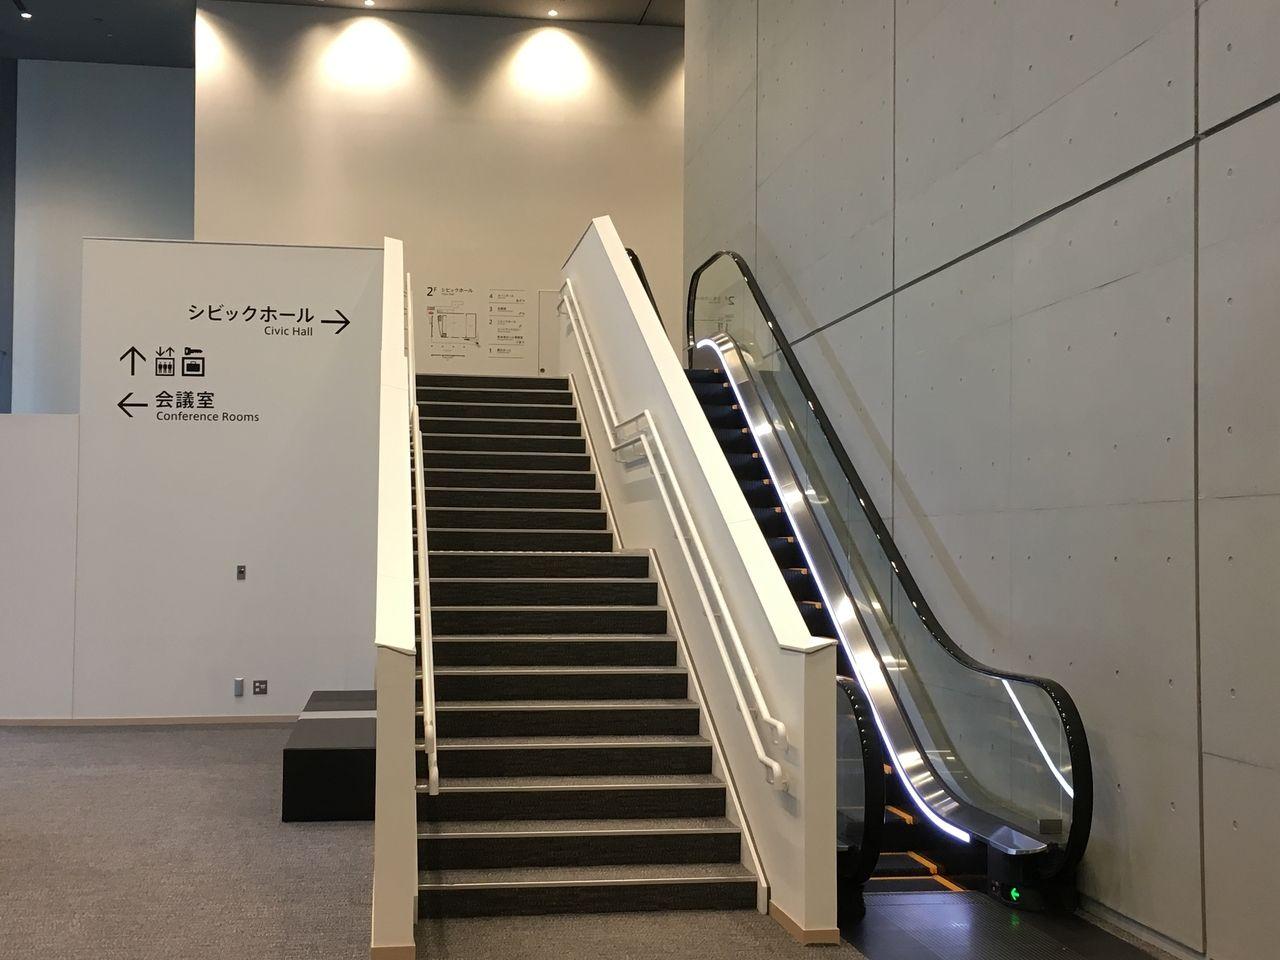 シビックホールへの中階段